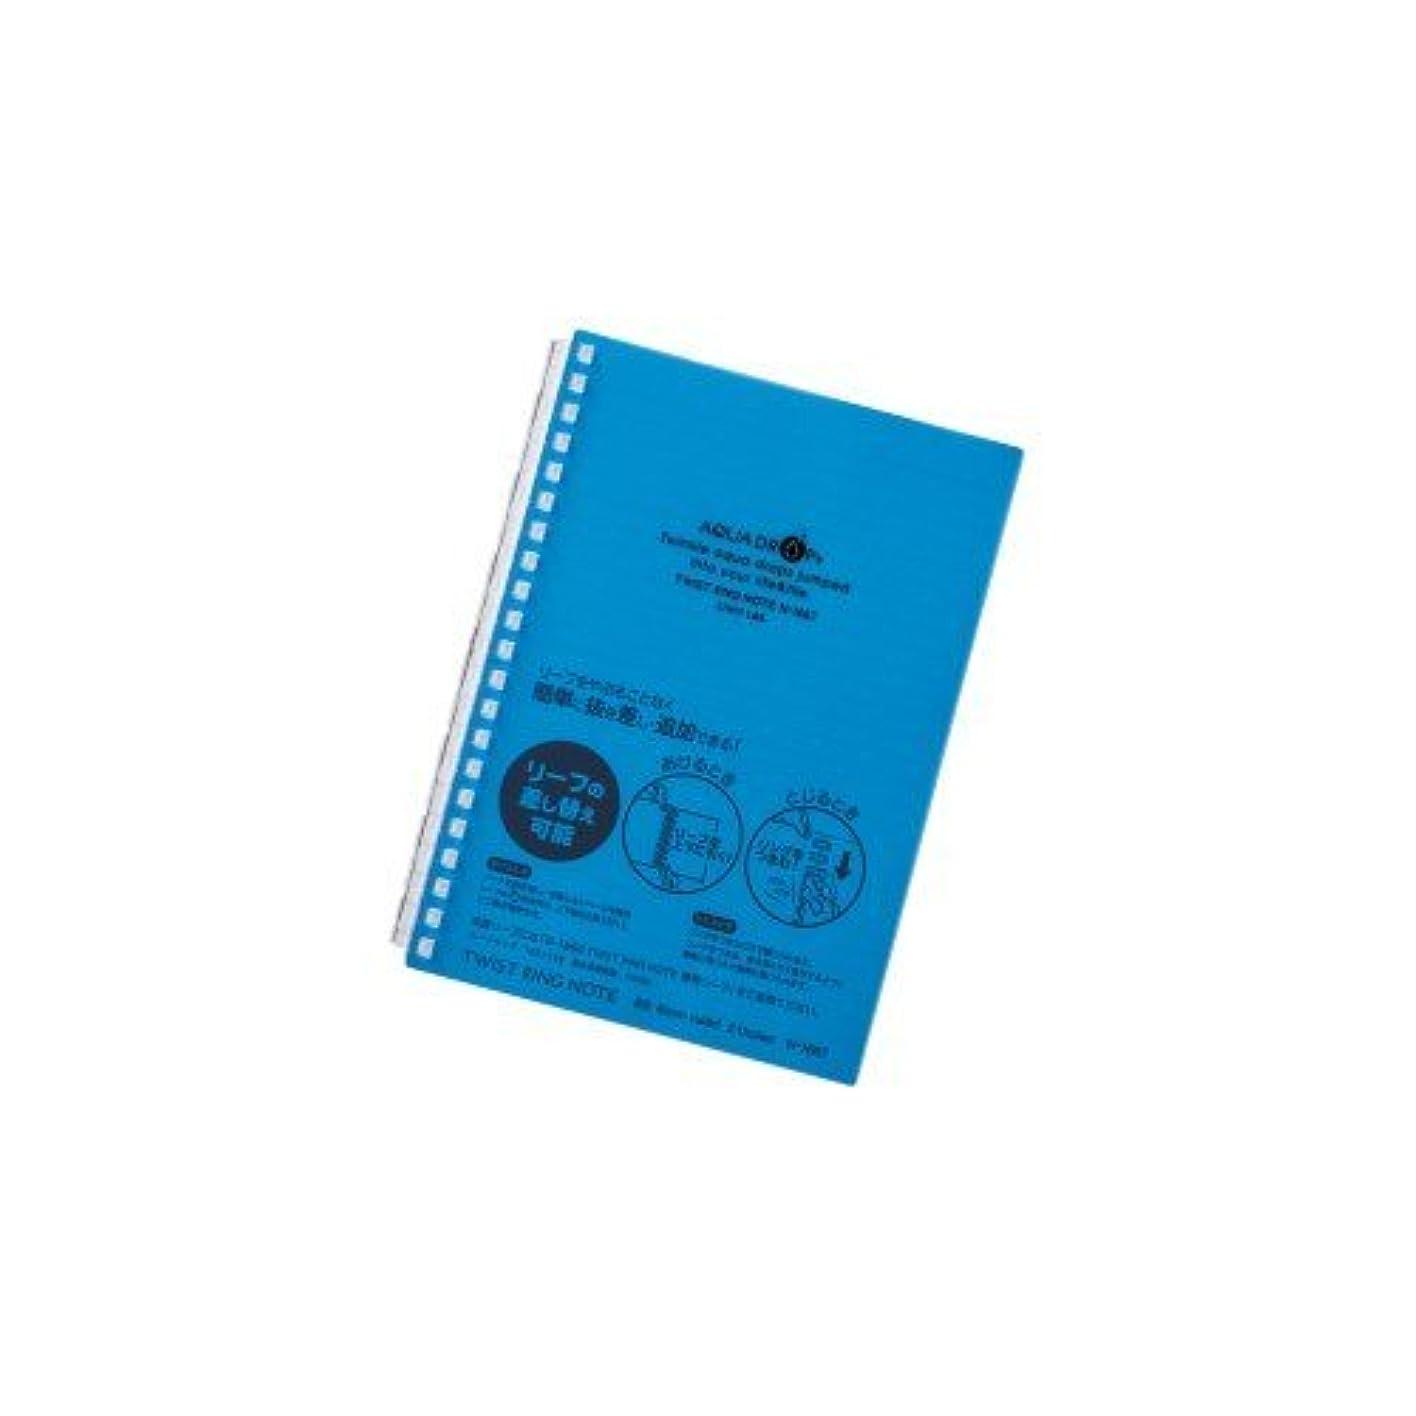 リヒトラブ ツイストリングノート B6 青 N-1669-8 00027749【まとめ買い10冊セット】